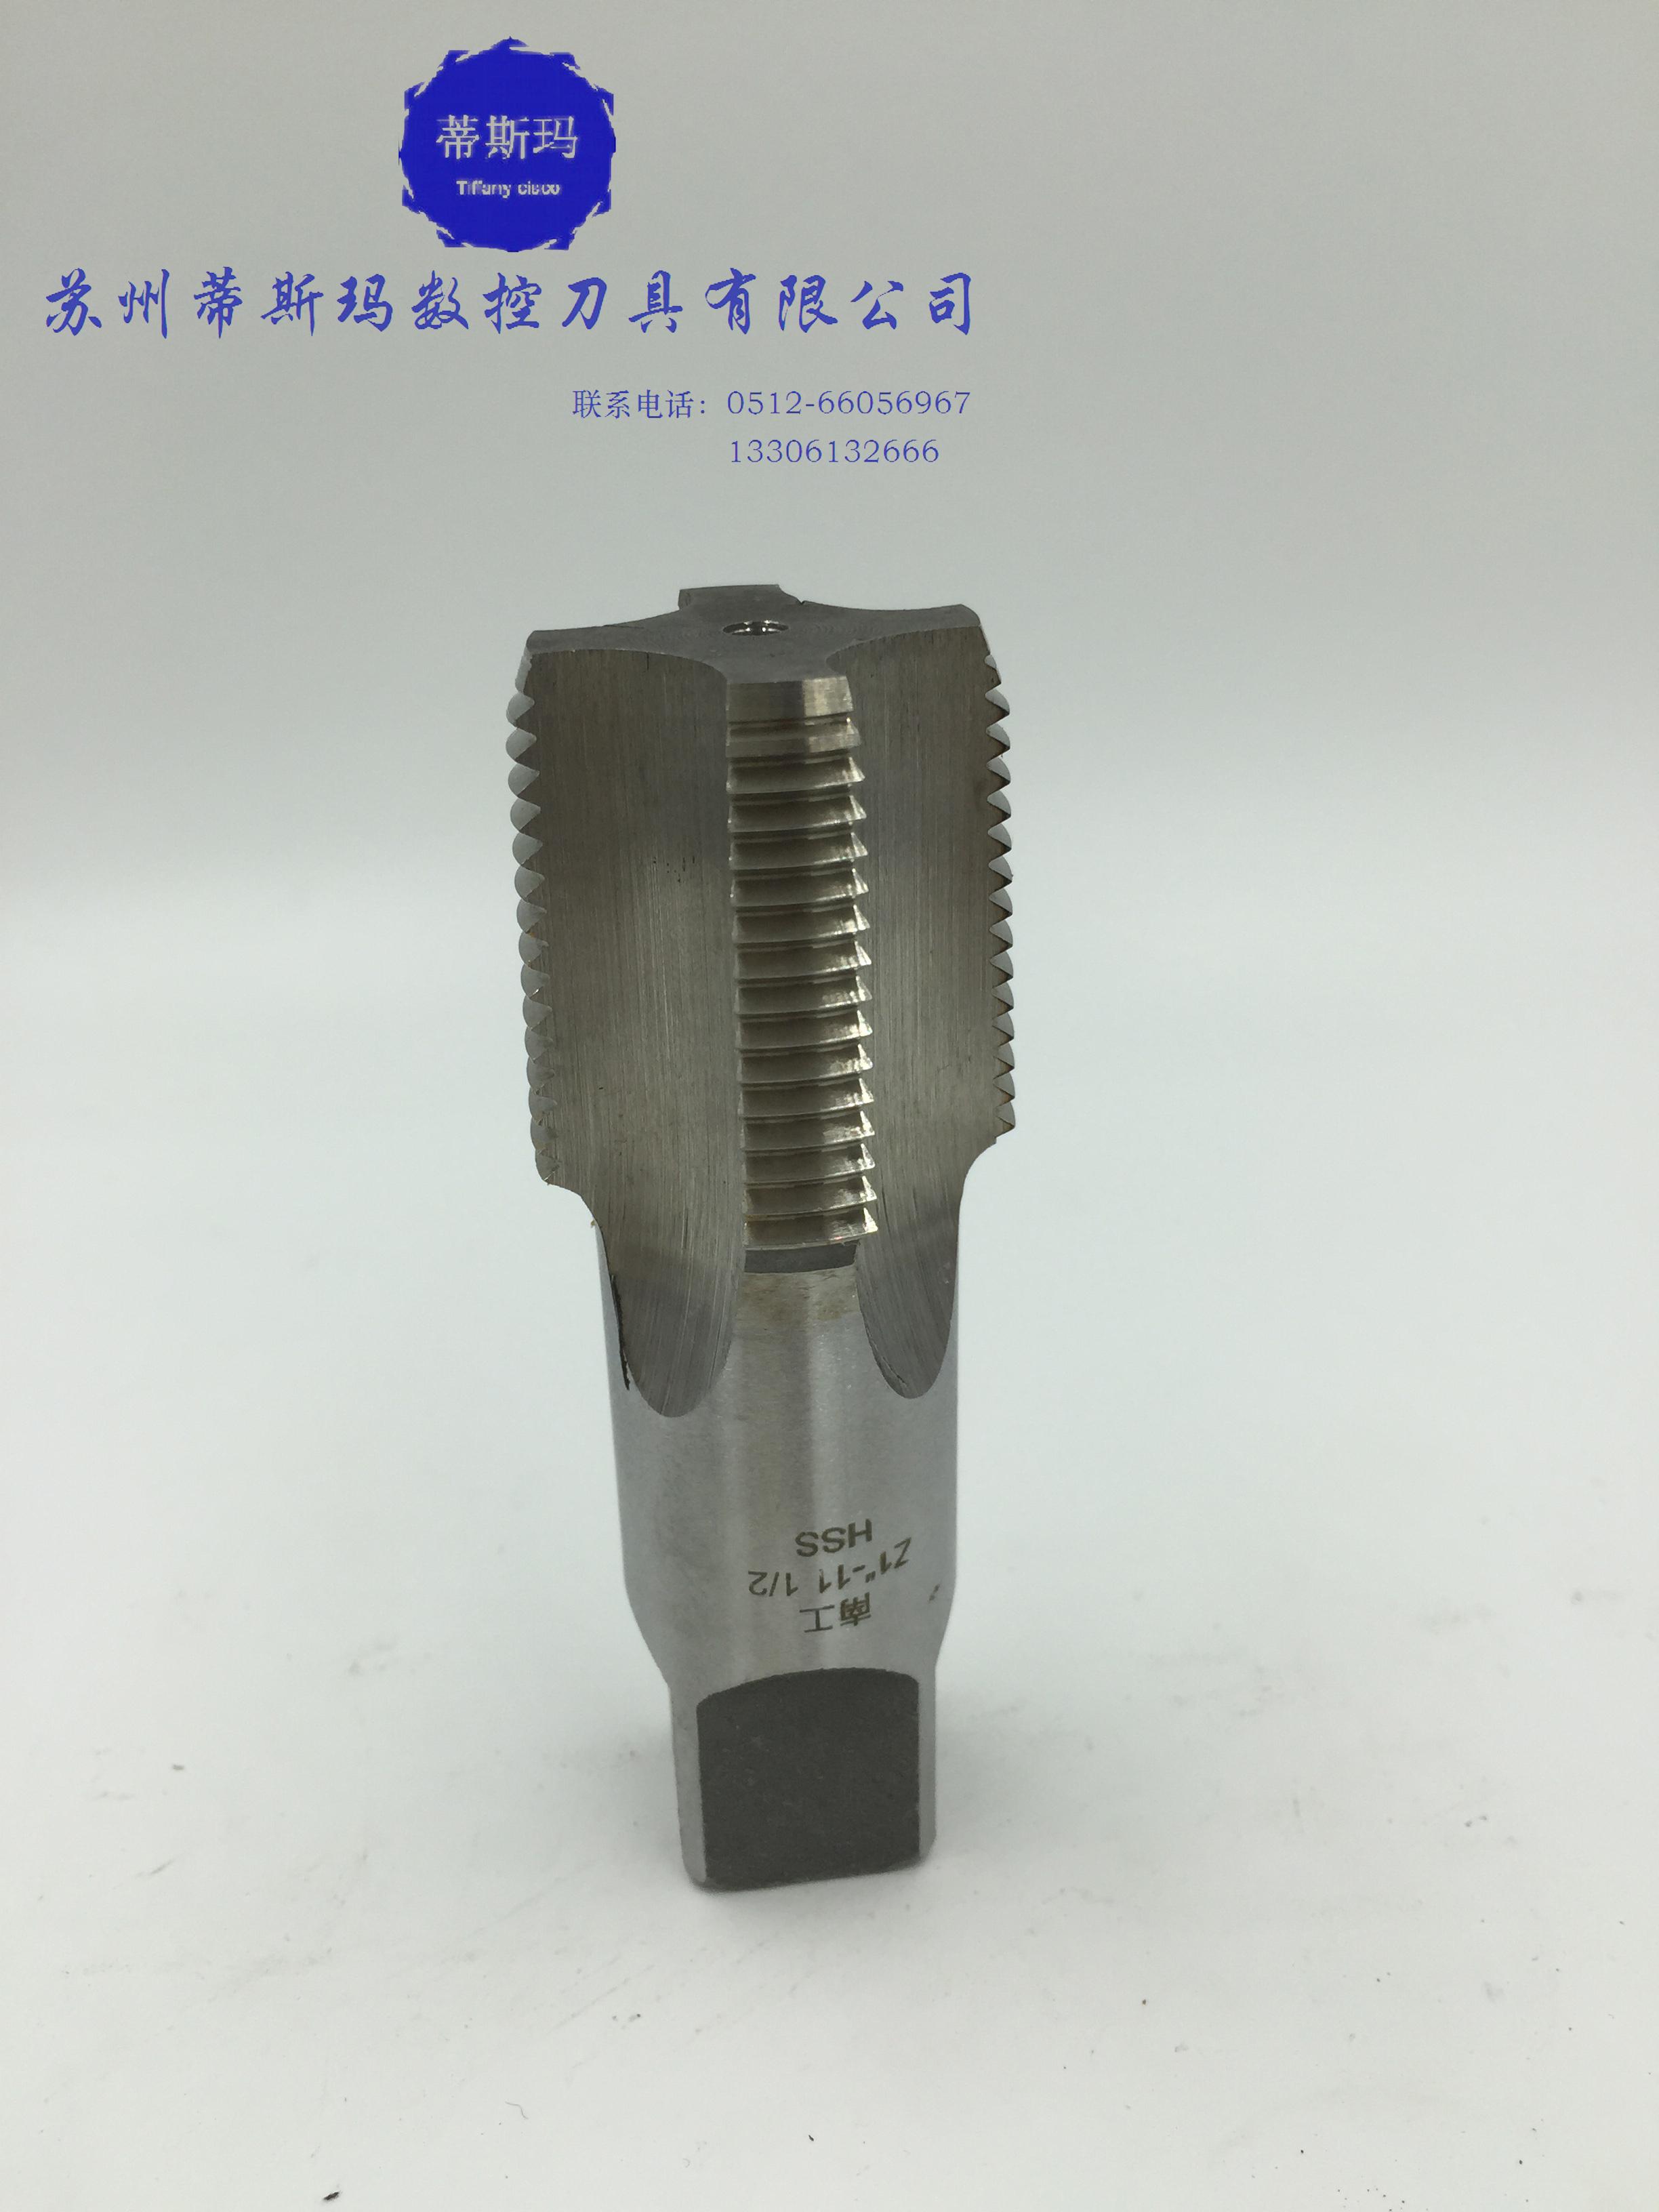 Authentische Shanghai Surinam - 60 ° zylinder - thread - / kehlkopf Zahn / - zähne / Rohr Zahn